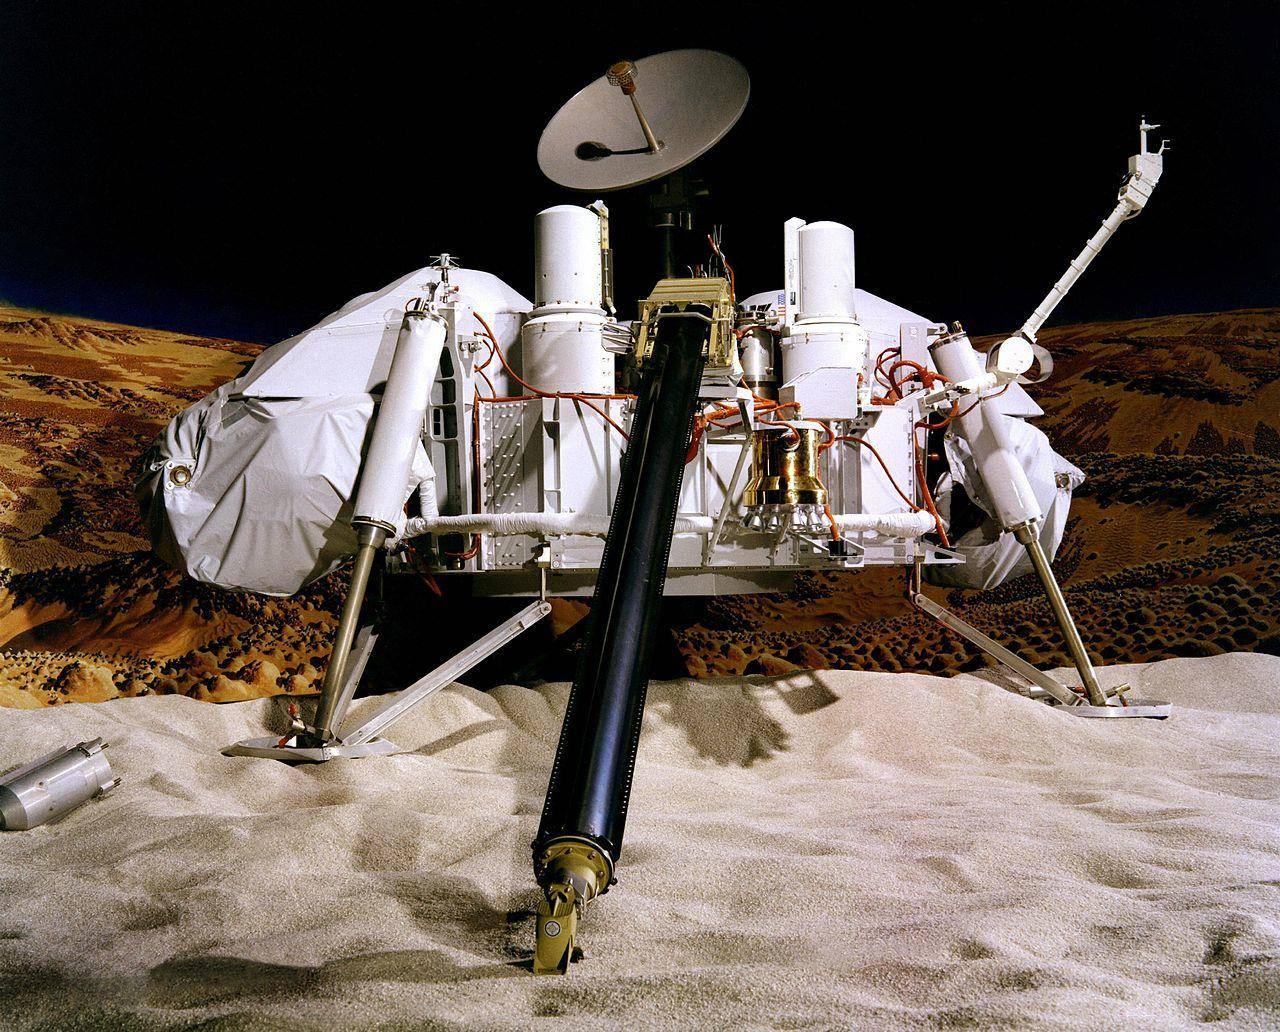 此处没有生命?NASA否认了在火星上发现外星生命的爆炸性说法